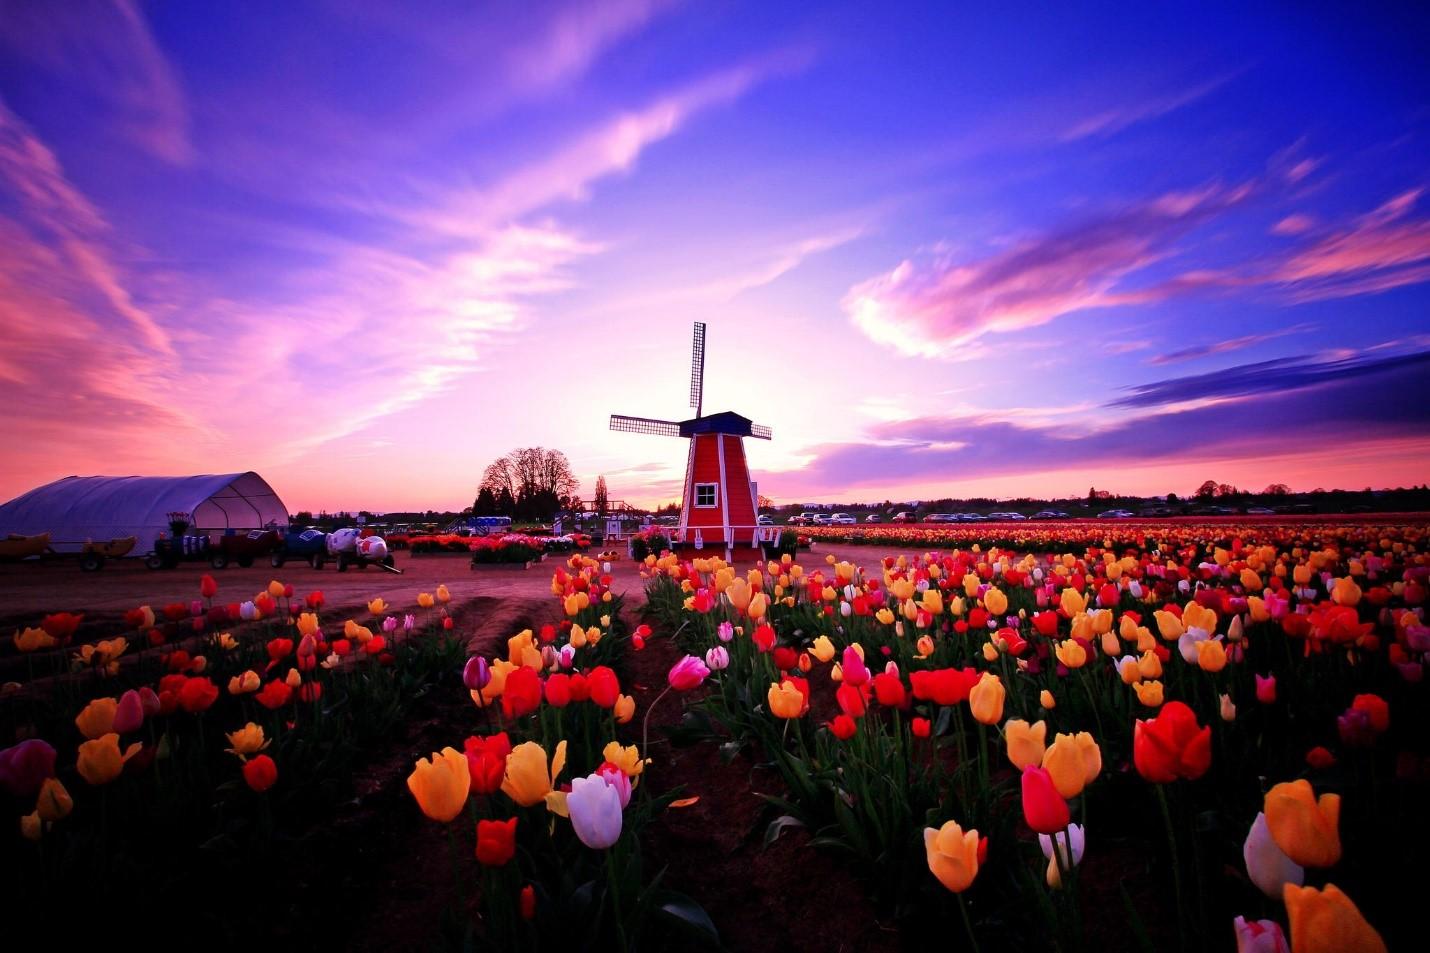 Hà Lan – quốc gia châu Âu xinh đẹp nổi danh với hệ thống giáo dục tiến bộ